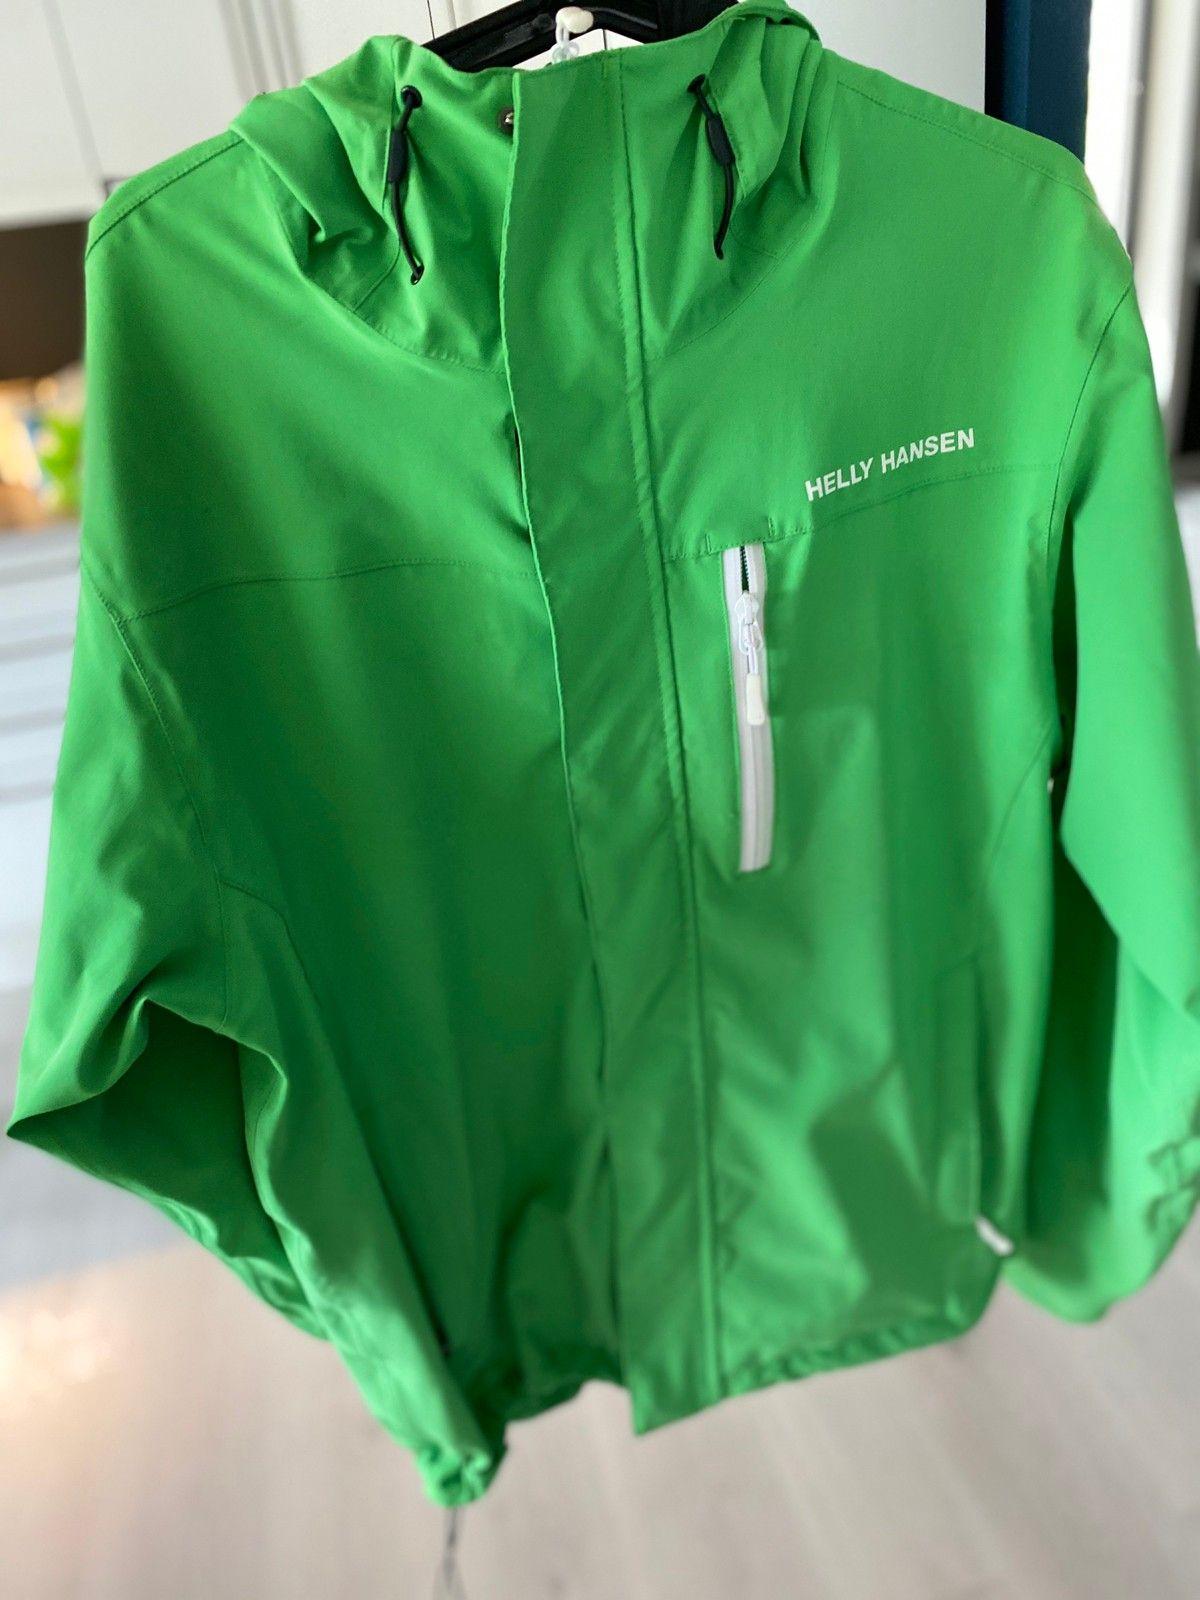 Grønn allværsjakke ikke brukt selges | FINN.no